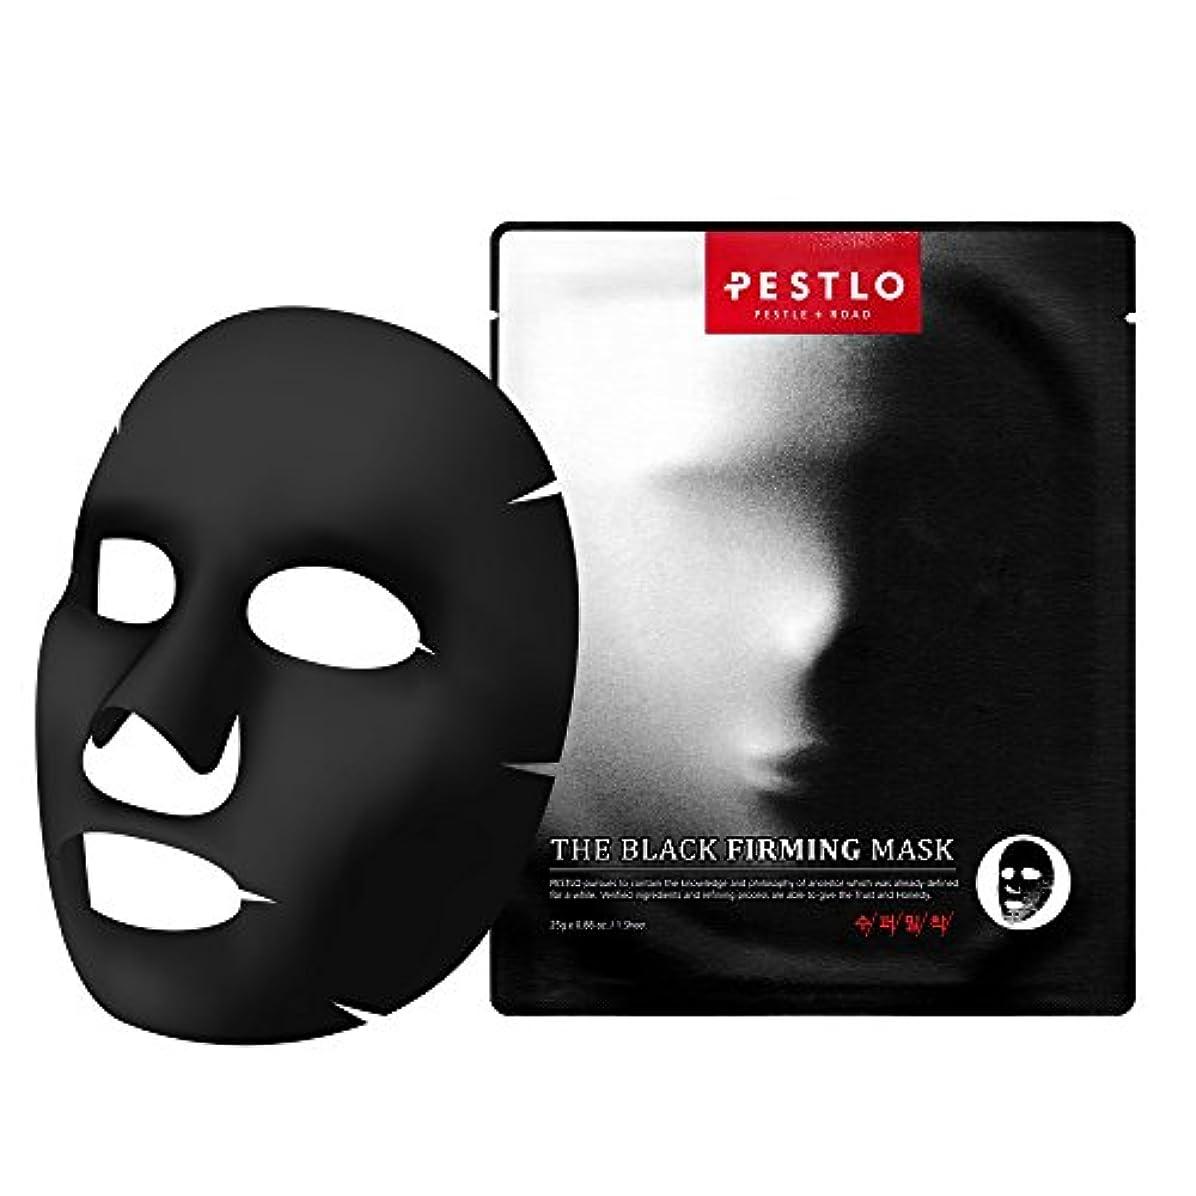 対コモランマ行進Pestlo The Black Firming Mask 7 Sheets 【ペスロザブラックファーミングマスク】 - モイスチャ 抗酸化効果 透明スキンケア 韓国コスメ 1シート / 25g